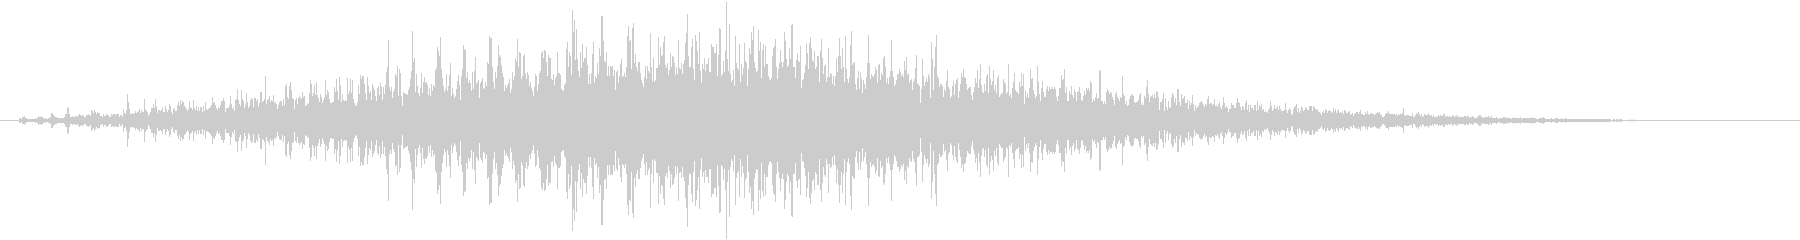 「シュルシュル」石を擦った鈴の音R-Lの未再生の波形